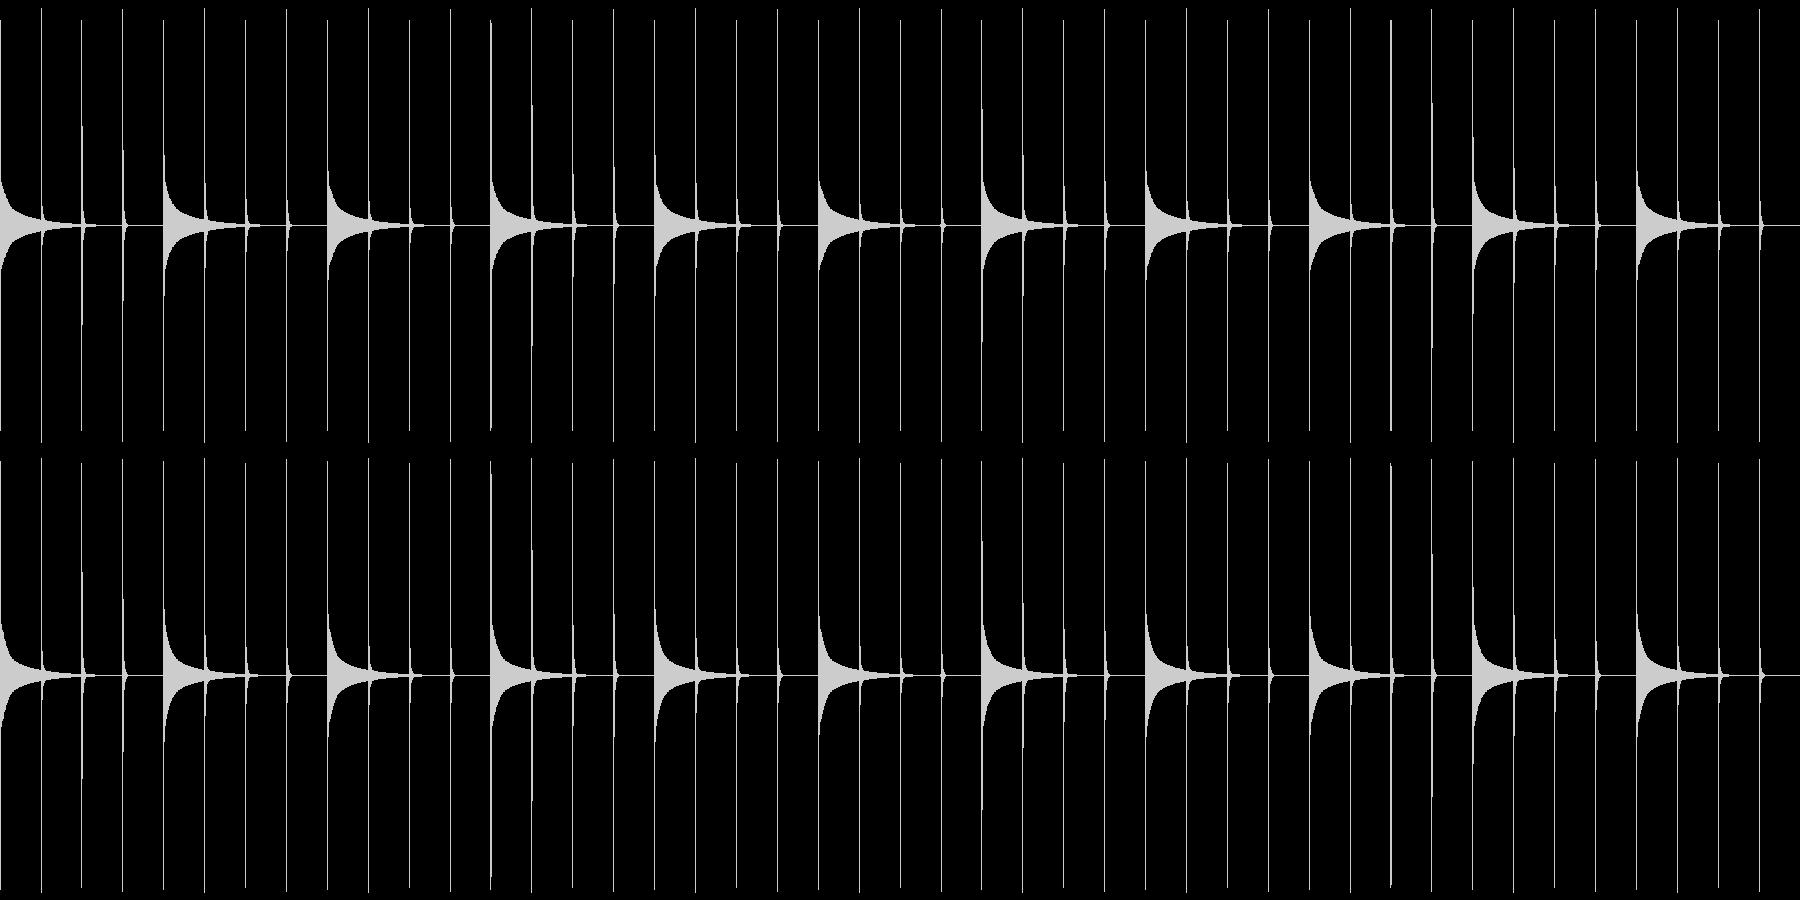 木製振り子メトロノーム19-BPM40の未再生の波形